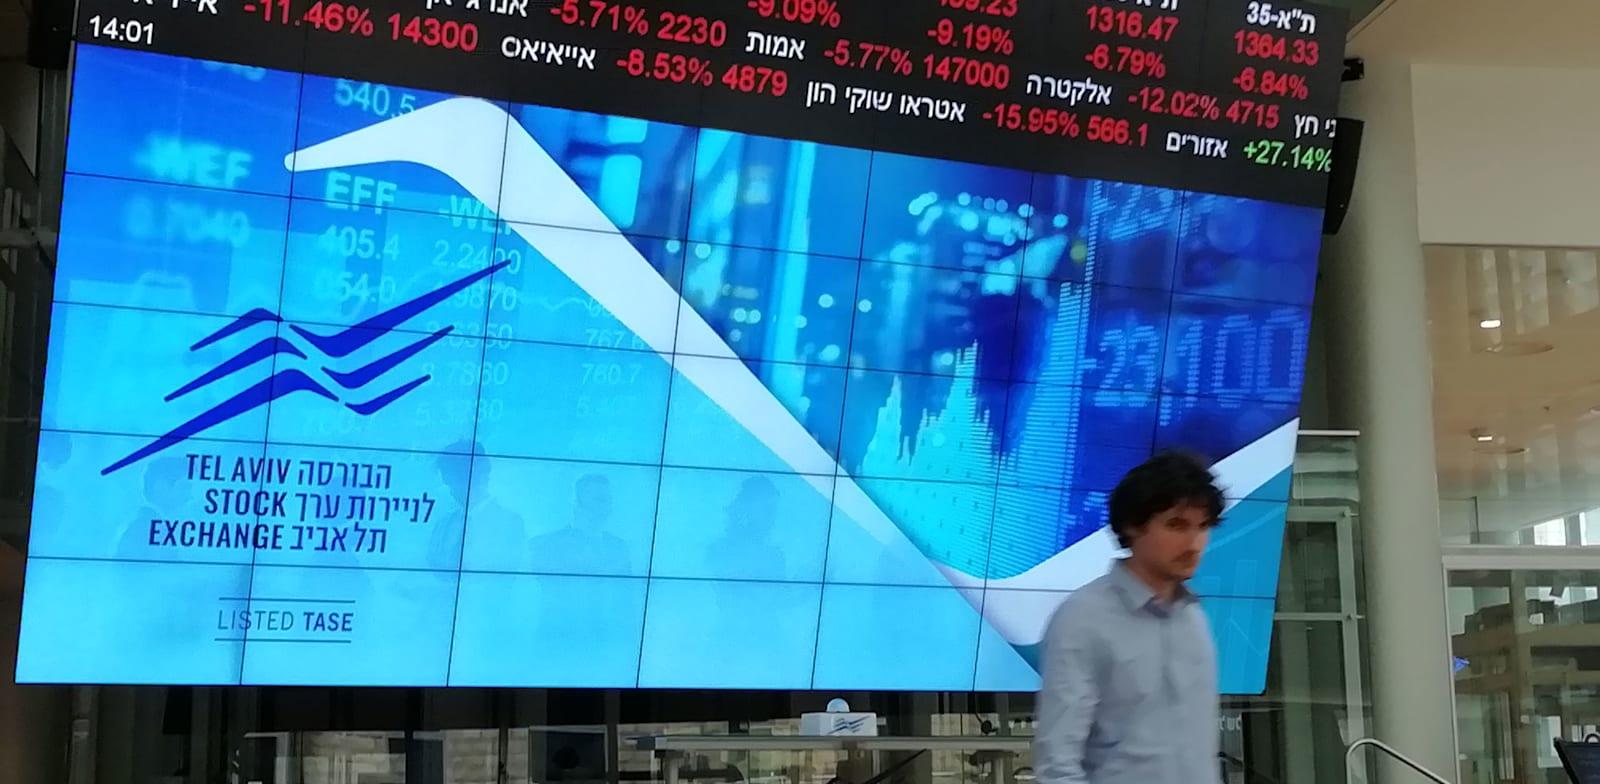 הבורסה בתל אביב / צילום: טלי בוגדנובסקי